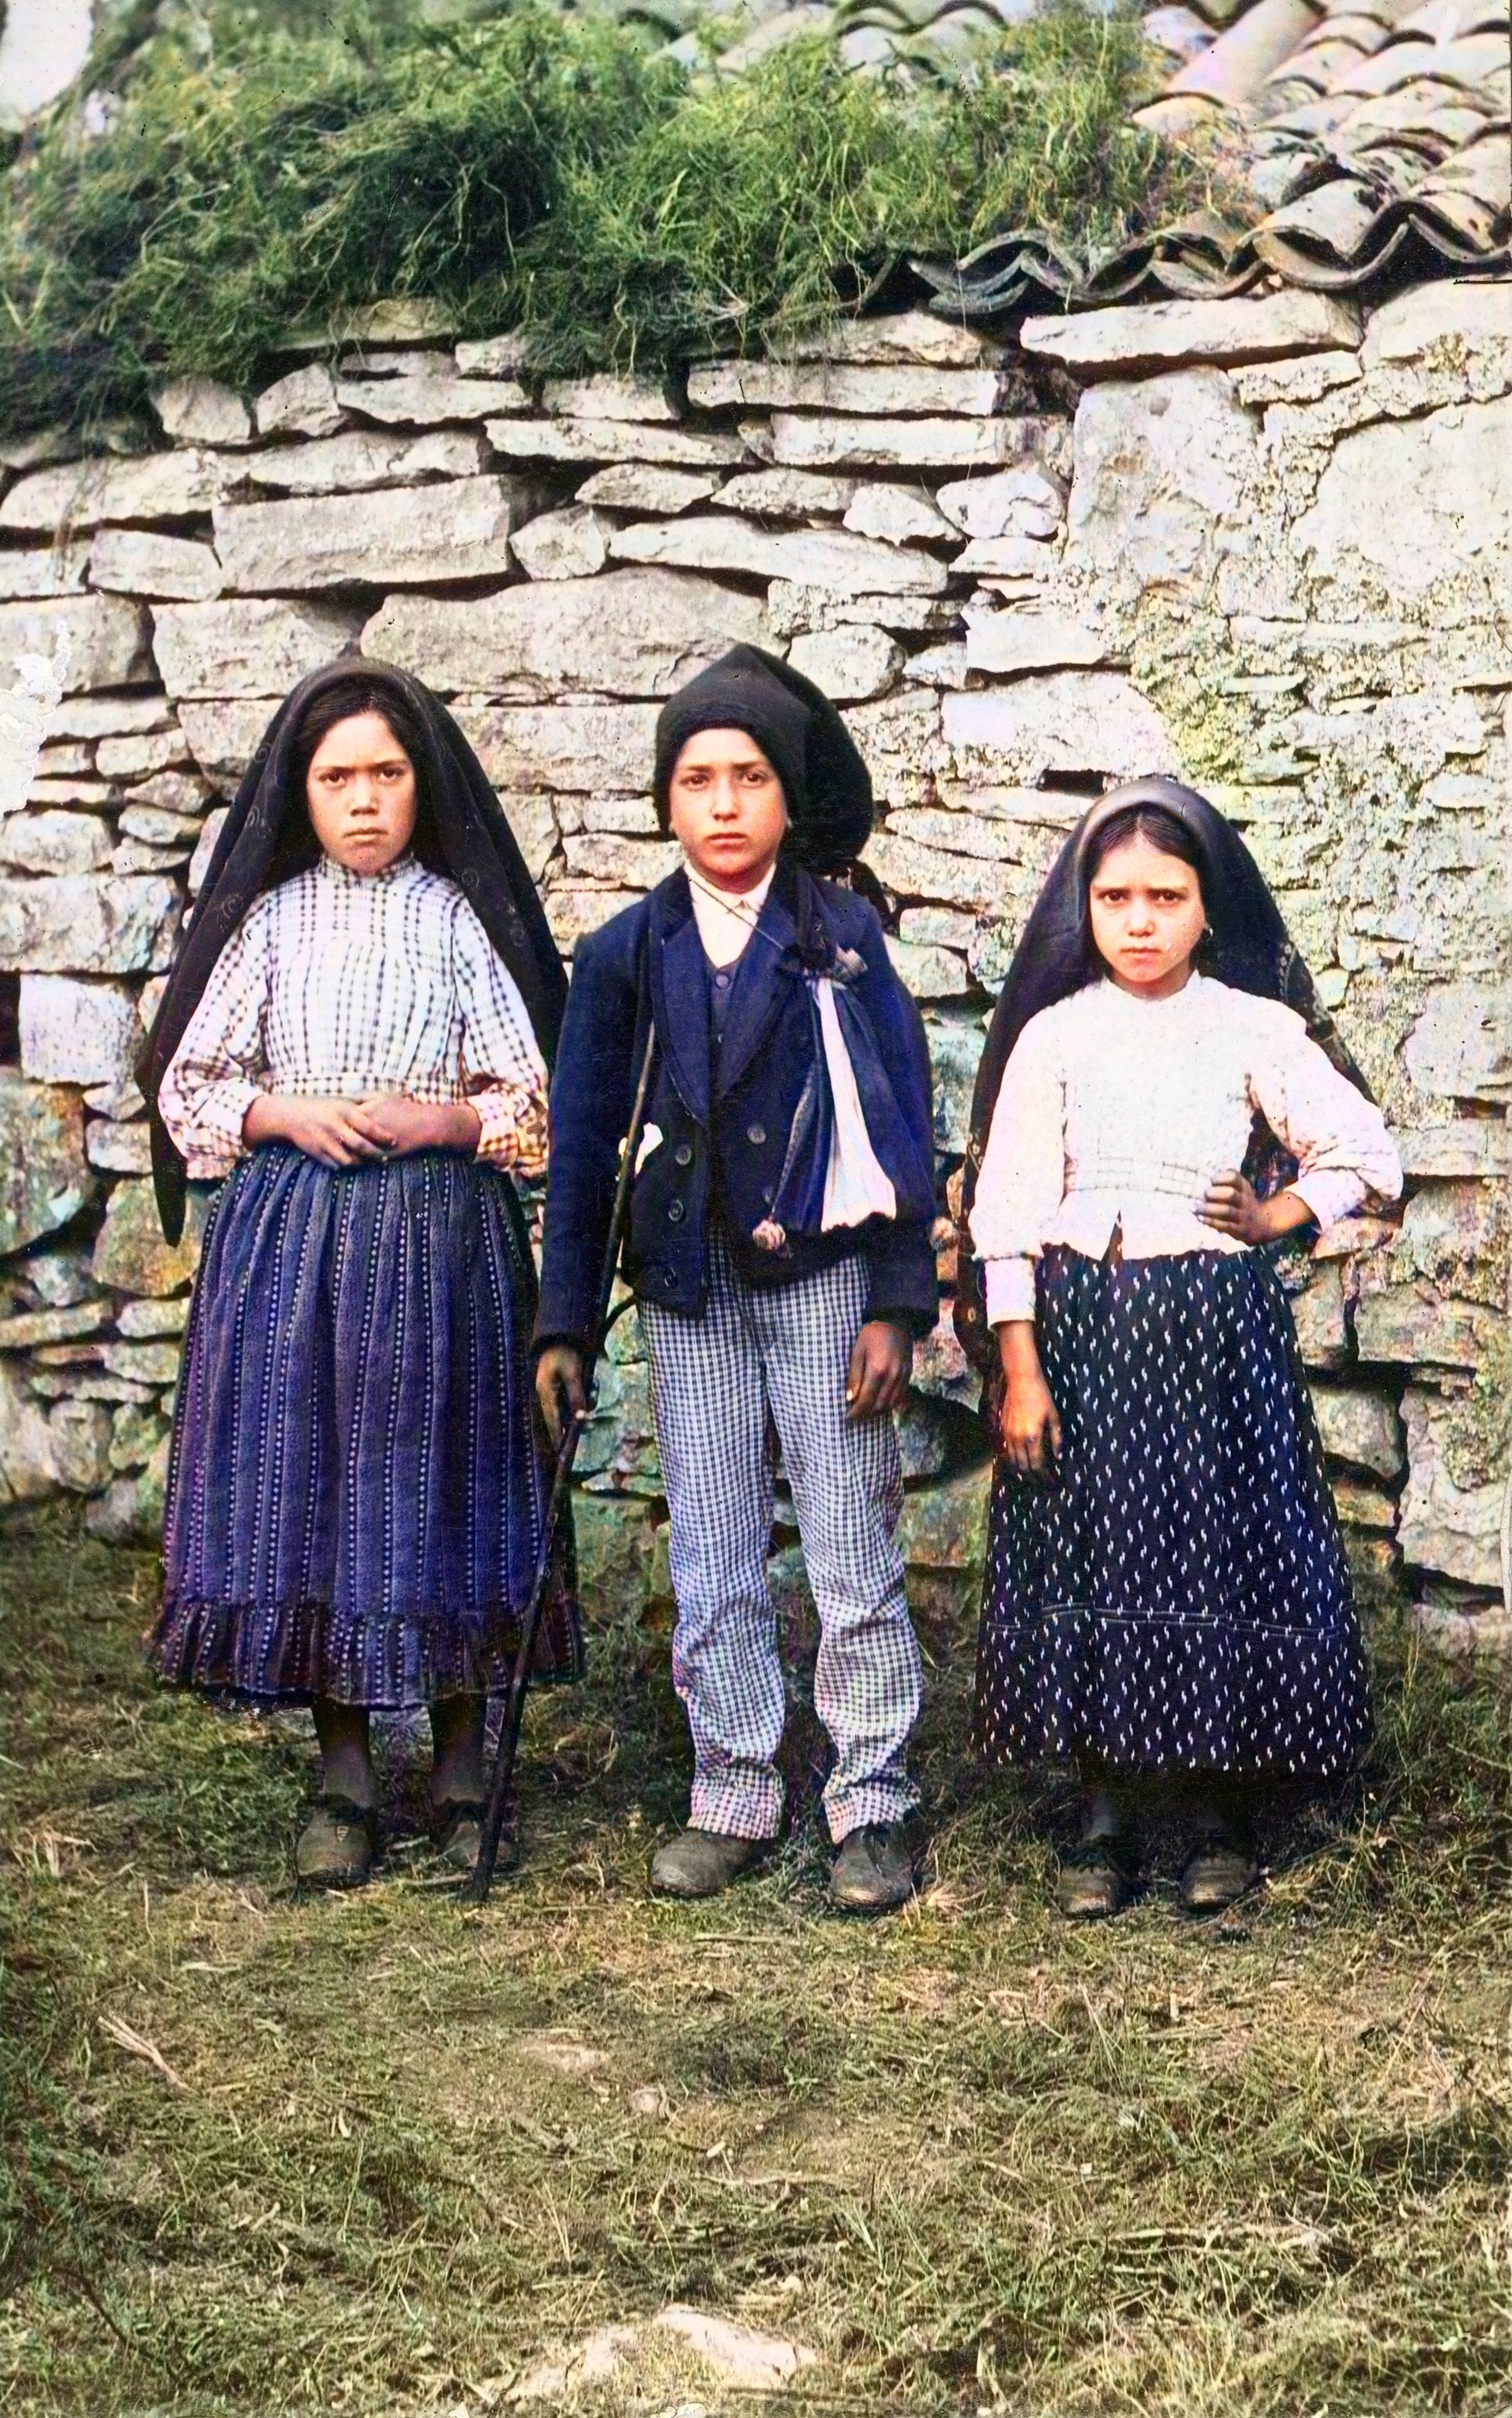 Os pastorinhos de Fátima, Lúcia, Francisco e Jacinta